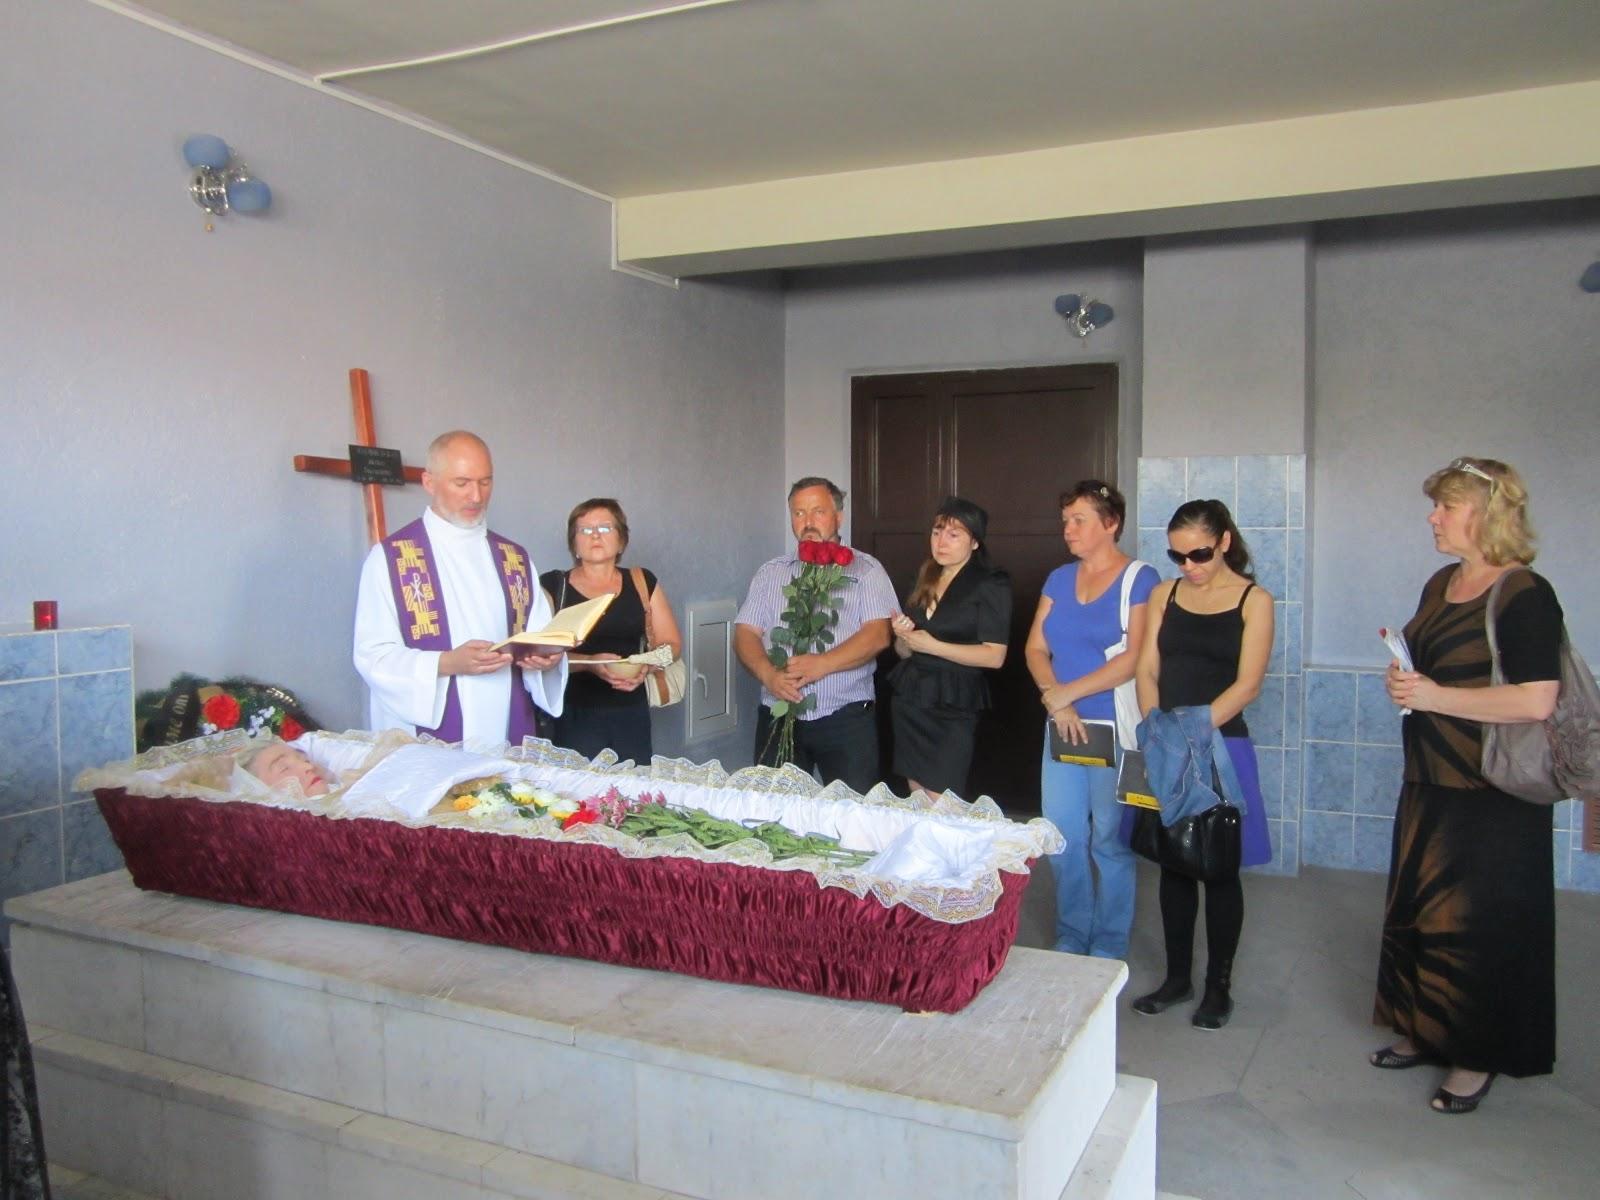 На похороны в доме приглашаются только близкие люди